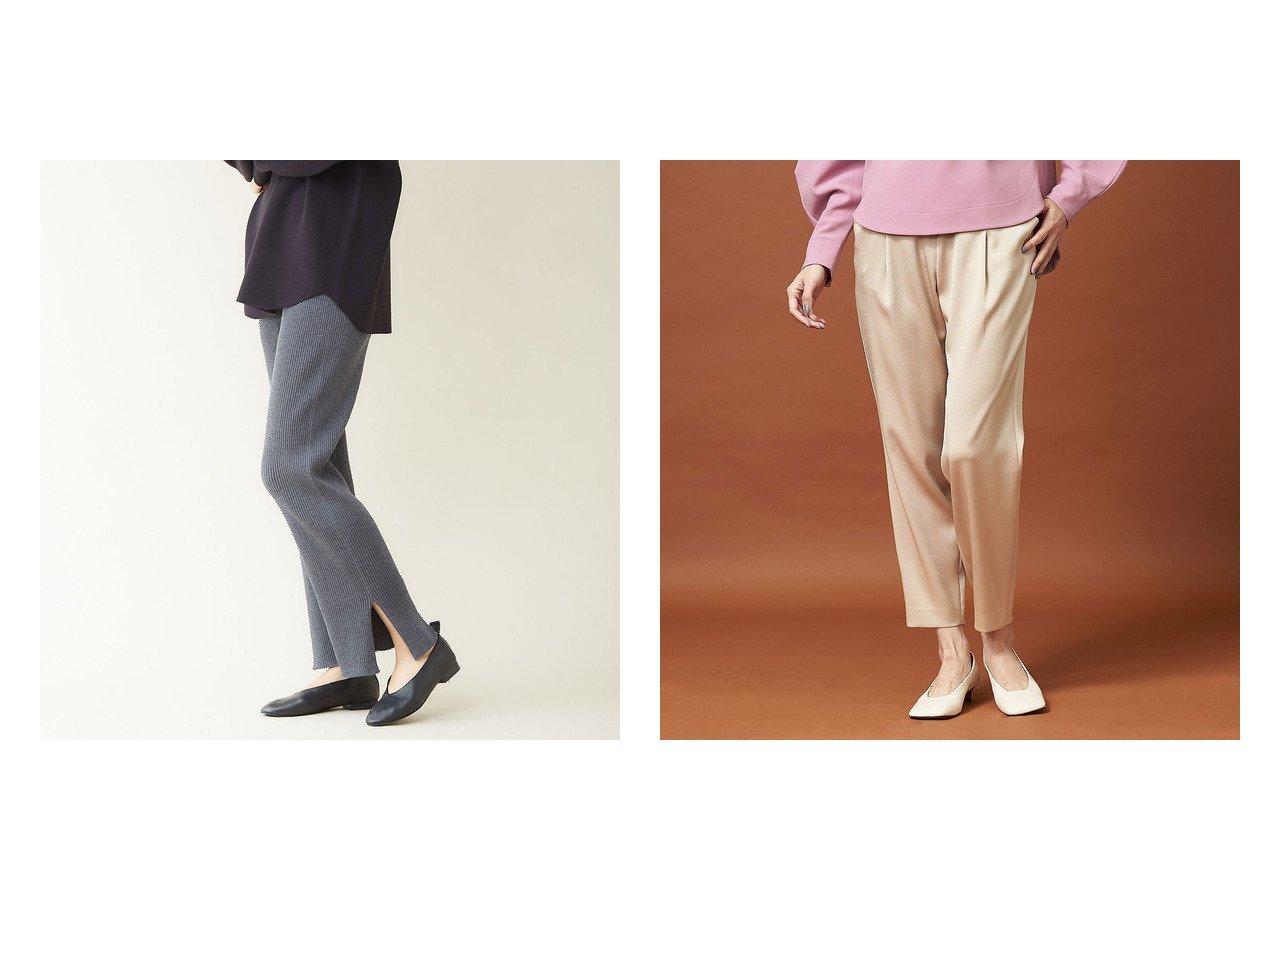 【qualite/カリテ】のサテンタックドロストパンツ&ホールガーメントサイドスリットパンツ パンツのおすすめ!人気、トレンド・レディースファッションの通販 おすすめで人気の流行・トレンド、ファッションの通販商品 メンズファッション・キッズファッション・インテリア・家具・レディースファッション・服の通販 founy(ファニー) https://founy.com/ ファッション Fashion レディースファッション WOMEN パンツ Pants 春 Spring シューズ センター ダウン バランス ベーシック 楽ちん 2020年 2020 S/S 春夏 SS Spring/Summer 2020 春夏 S/S SS Spring/Summer 2020 A/W 秋冬 AW Autumn/Winter / FW Fall-Winter スウェット スリット ドレス フラット マキシ |ID:crp329100000016072